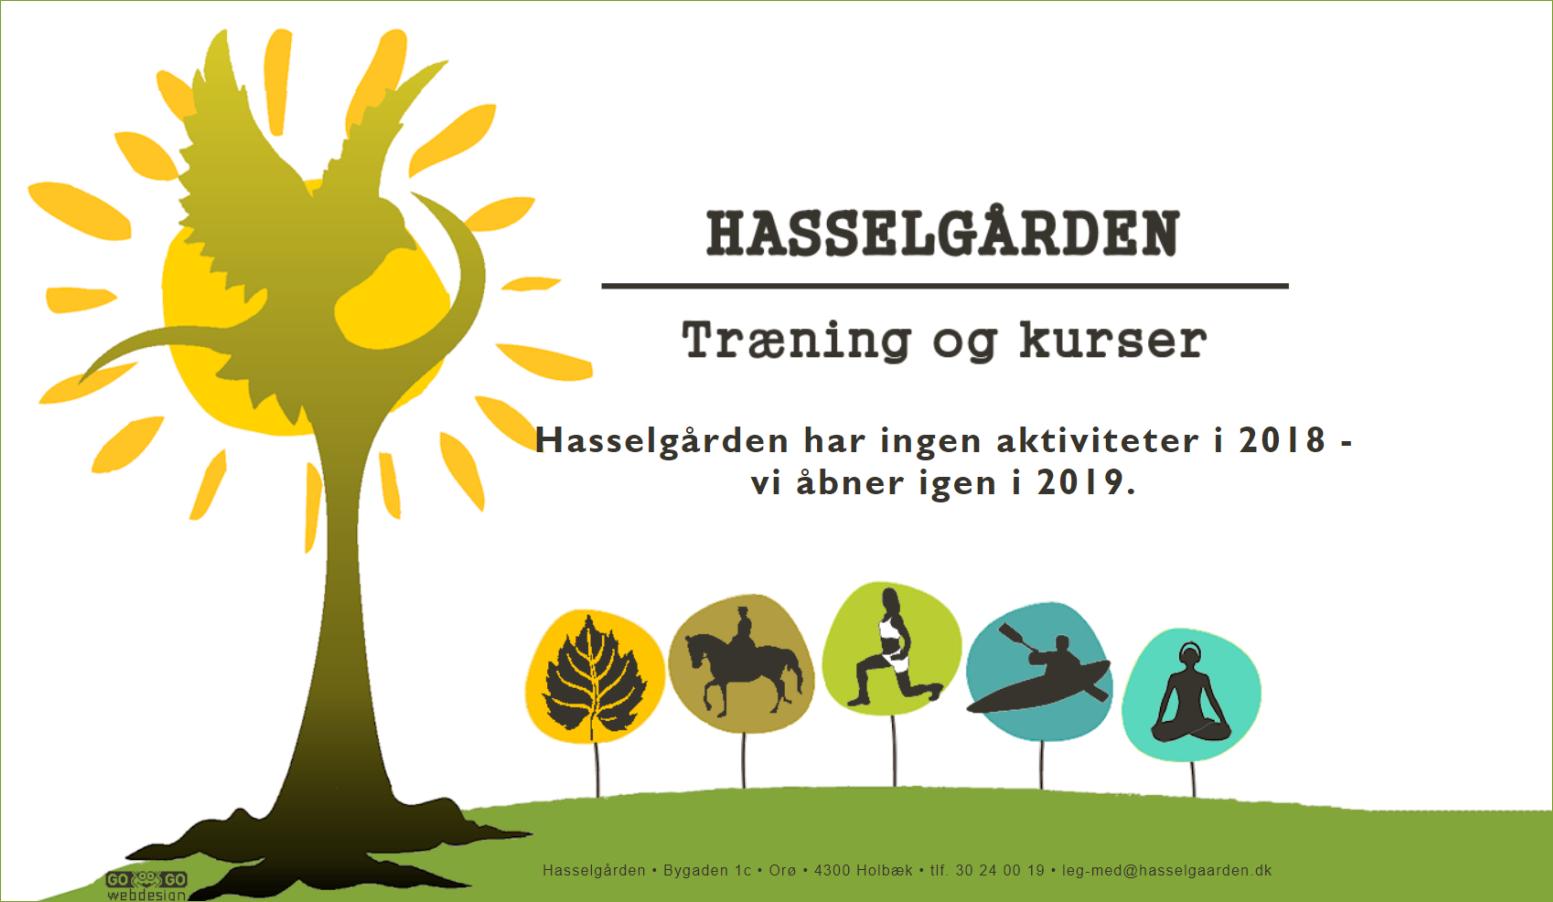 hasselgaarden.dk